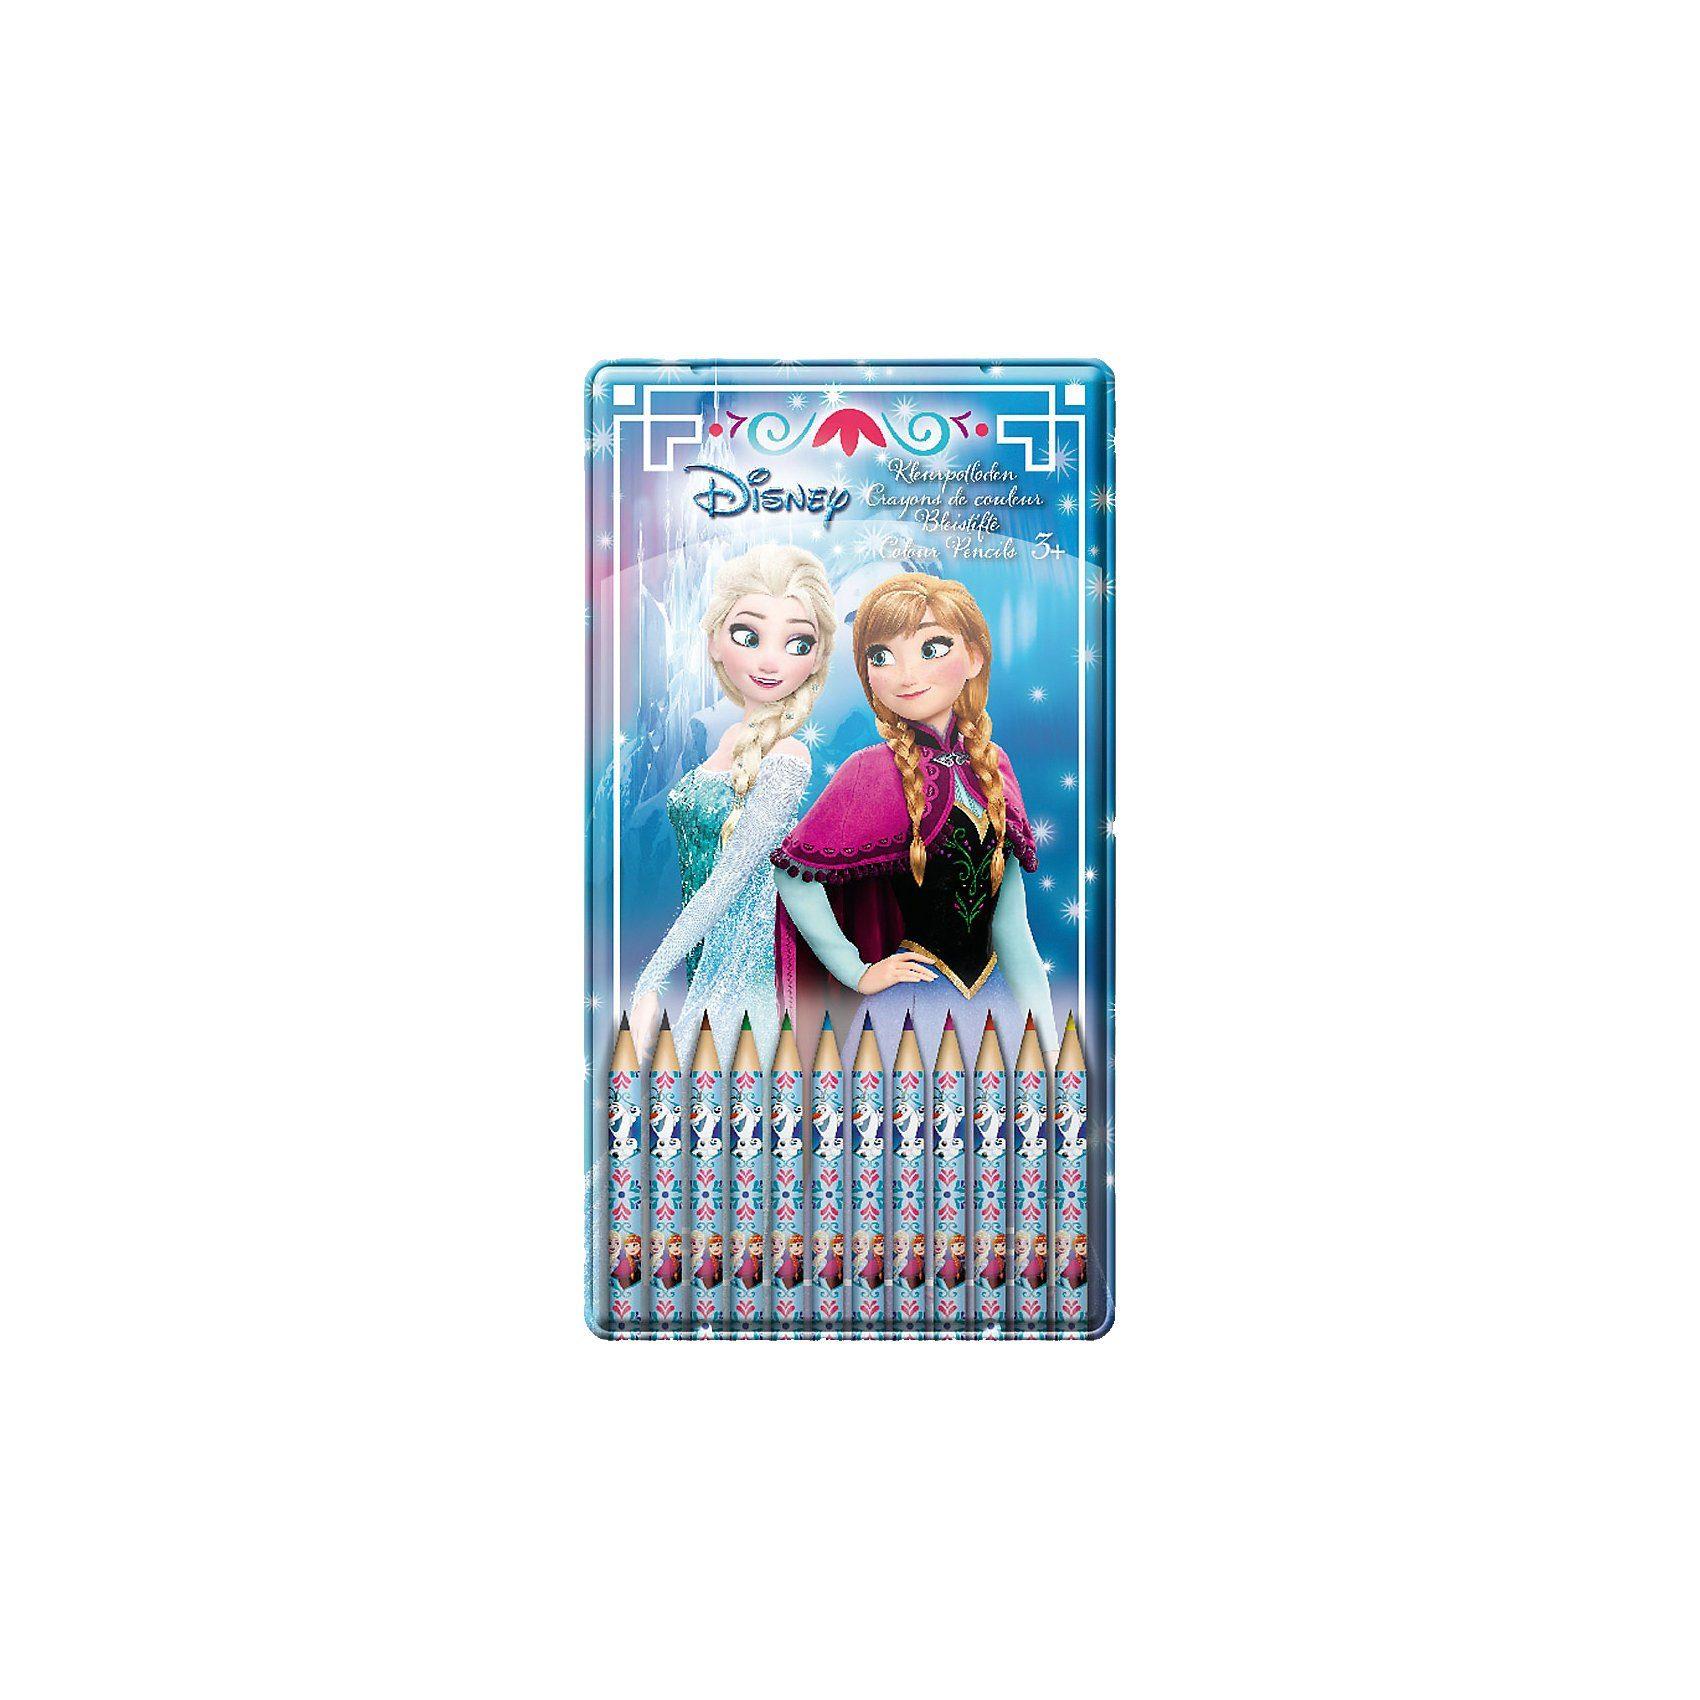 frajodis Buntstifte Disney Die Eiskönigin in Metalldose, 12 Farben